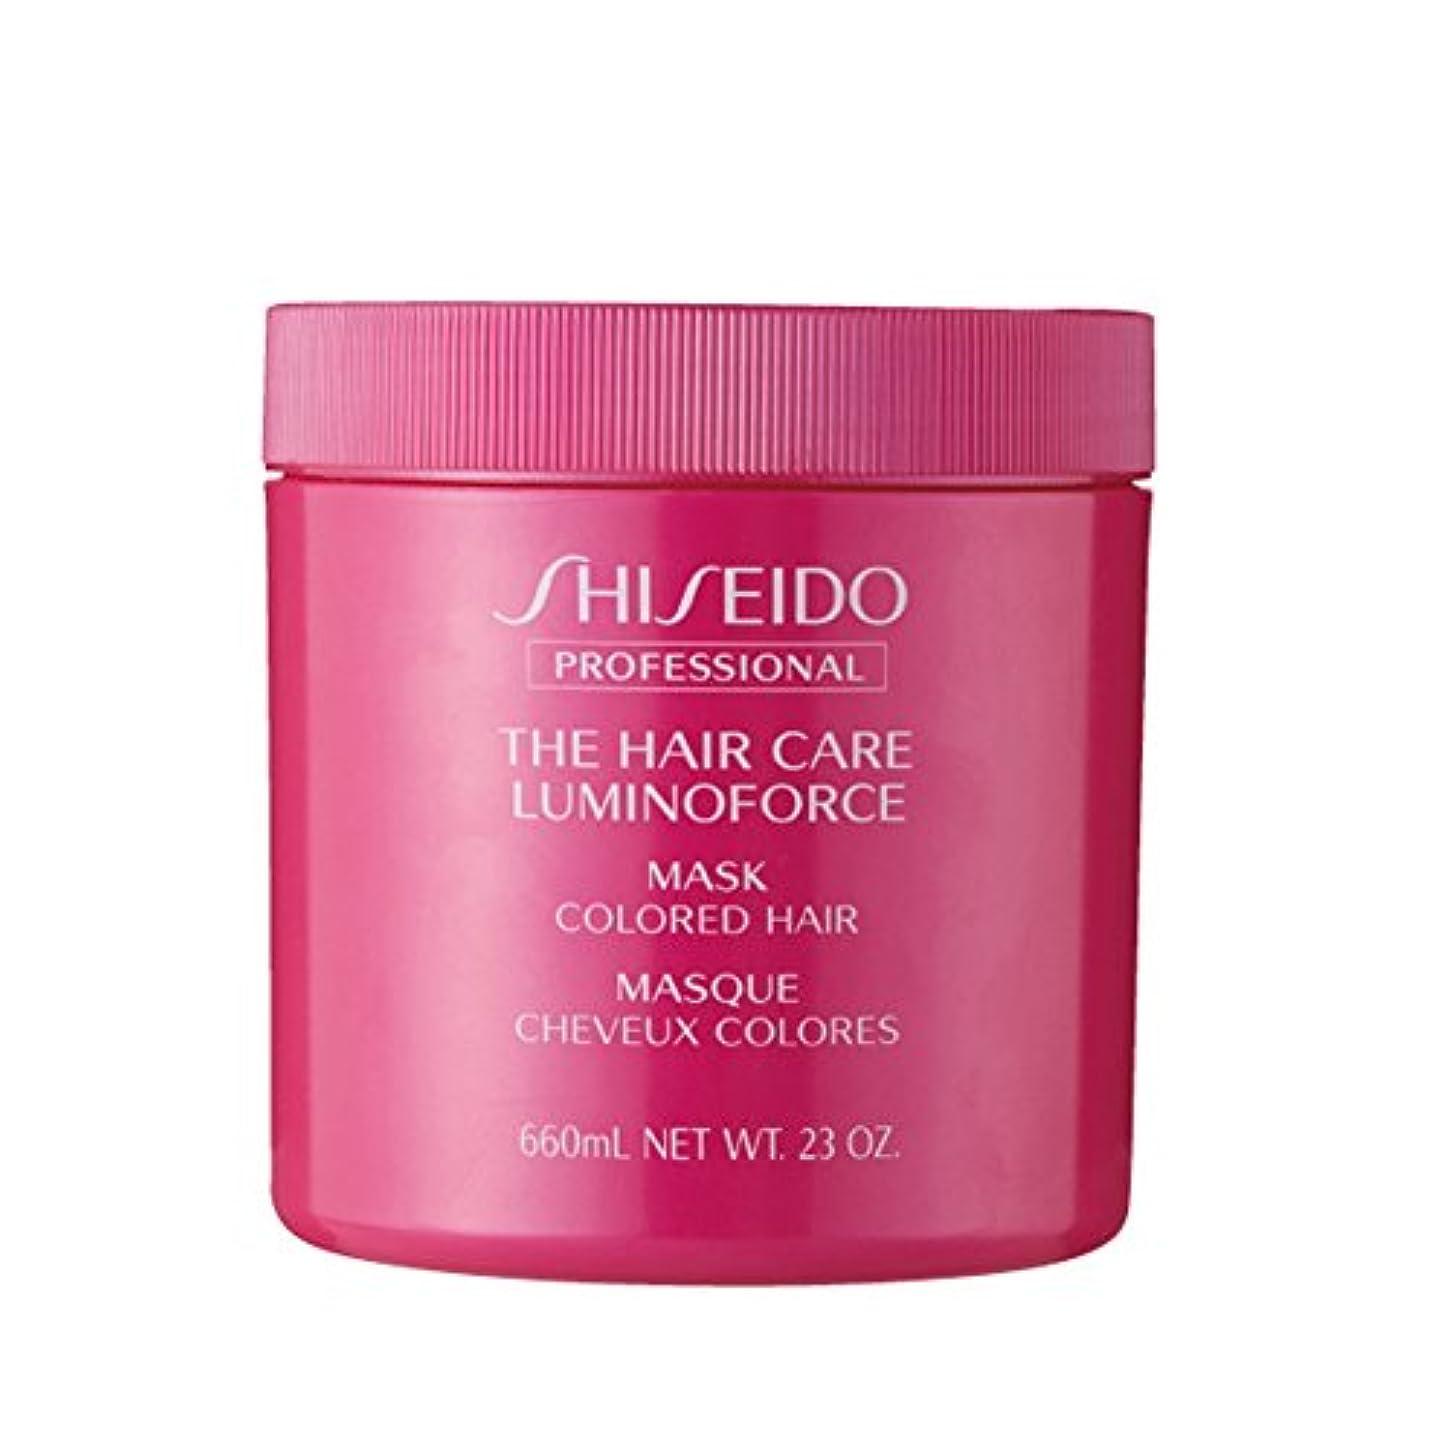 同意するかるしなければならない資生堂 THC ルミノフォースマスク 680g ×2個 セットヘアカラーを繰り返したごわついた髪を、芯からしなやかでつややかな髪へSHISEIDO LUMINOFORCE